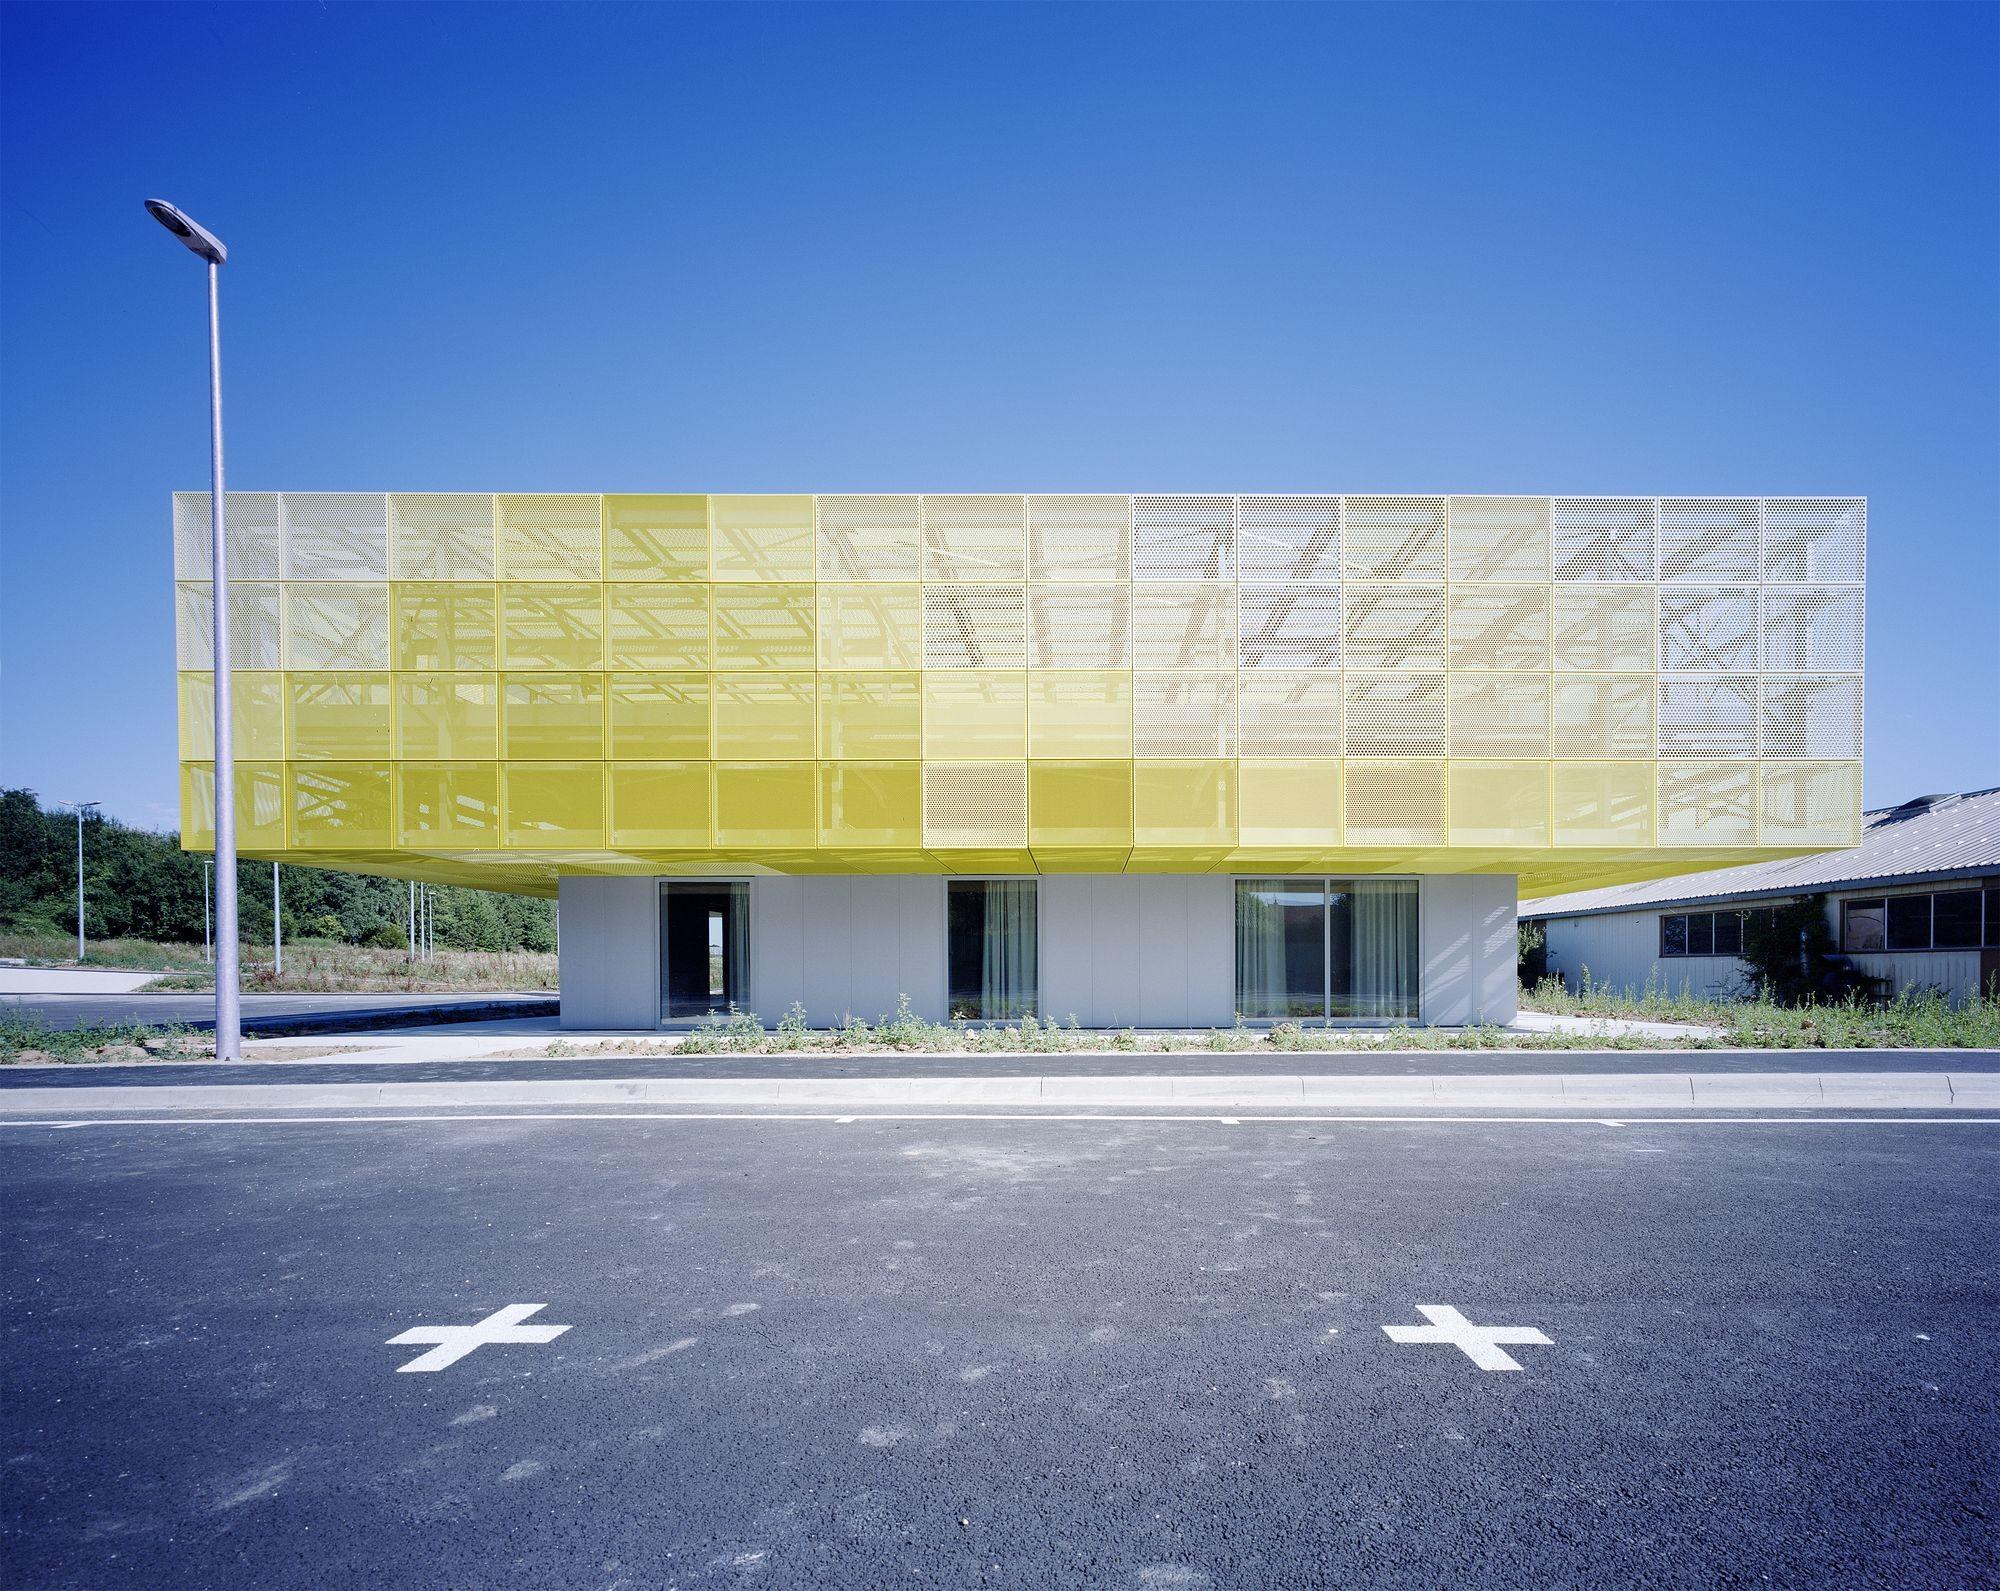 Ampliação do Lycée GeorGes-cormier / Ateliers O-S architectes, © Vincent Baur